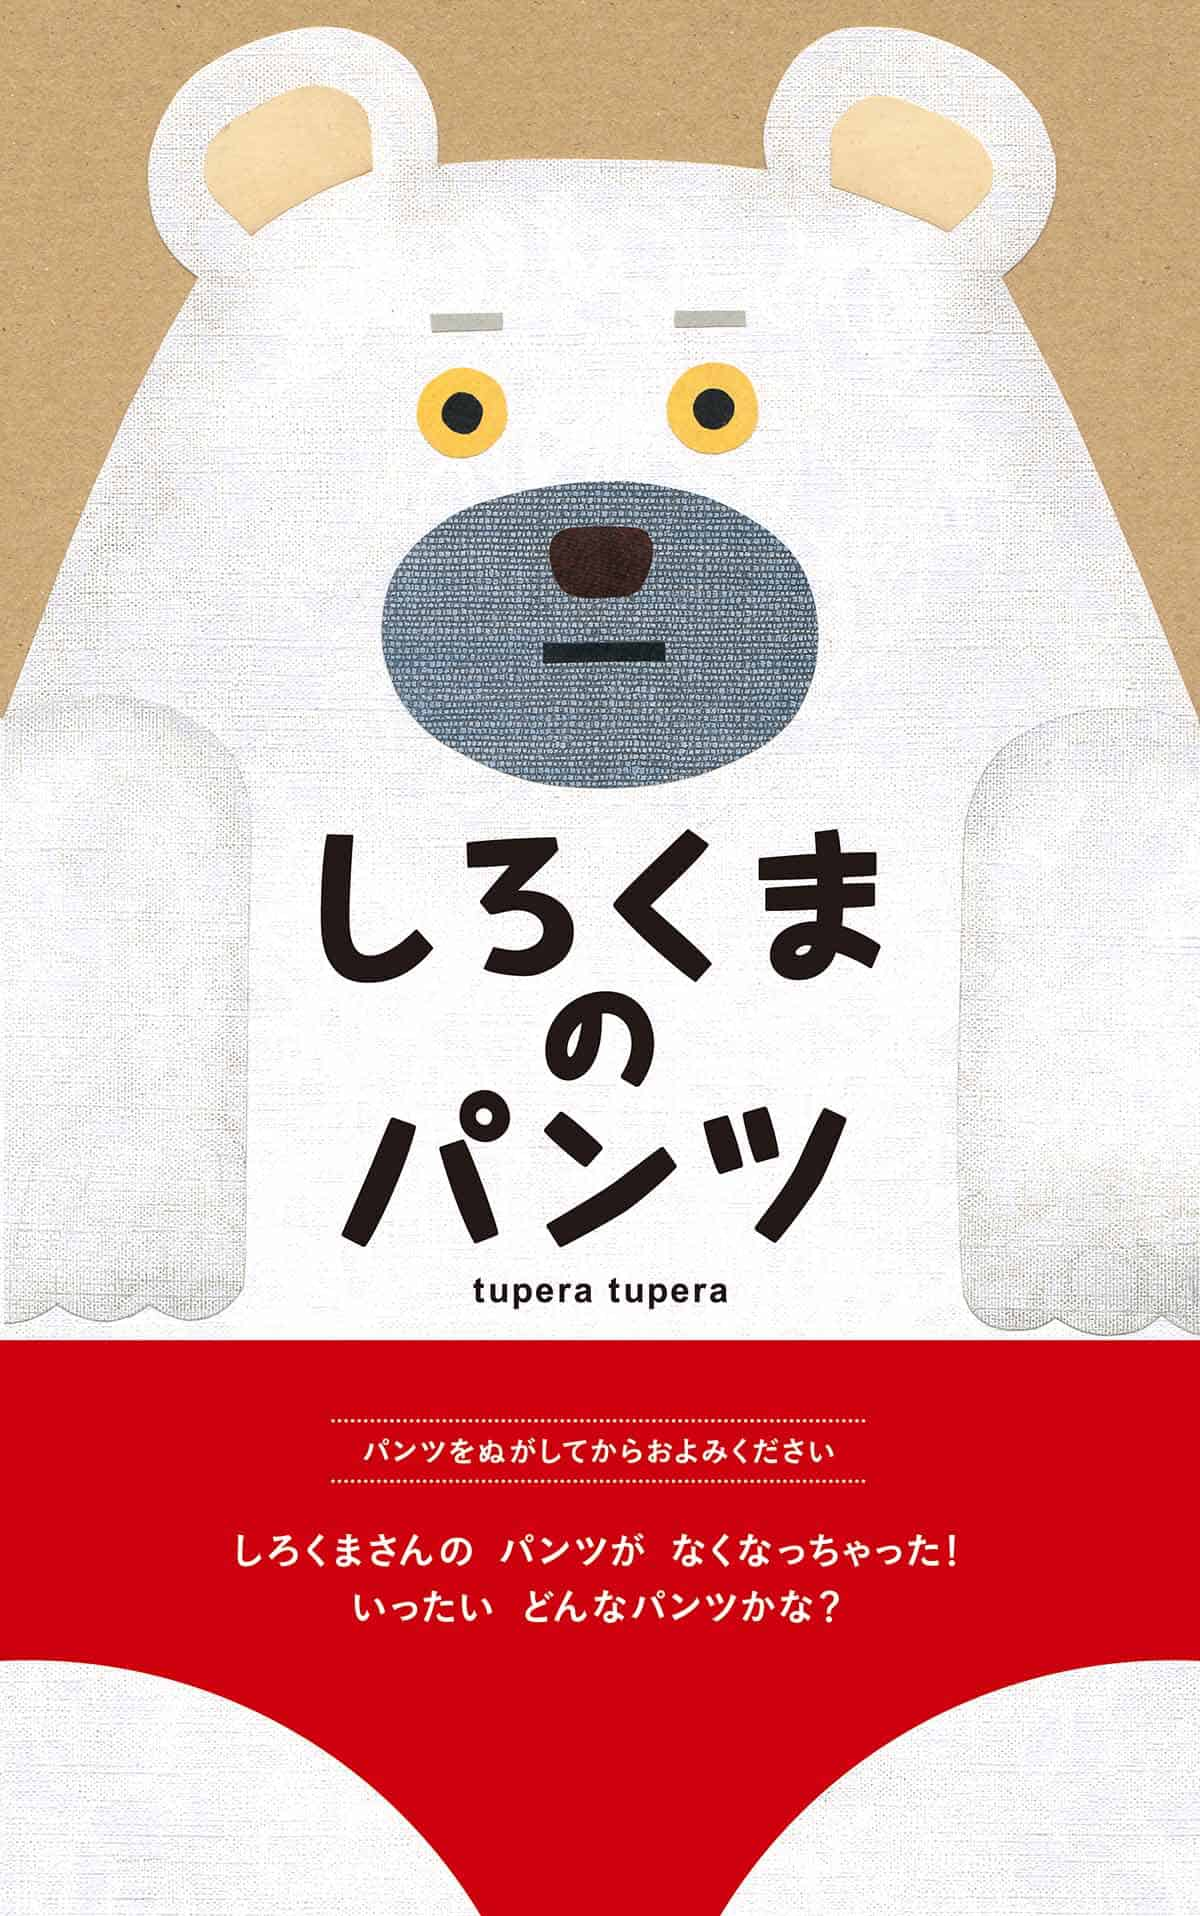 หนังสือ Shirokuma no Pantsu โดยศิลปิน tupera tupera